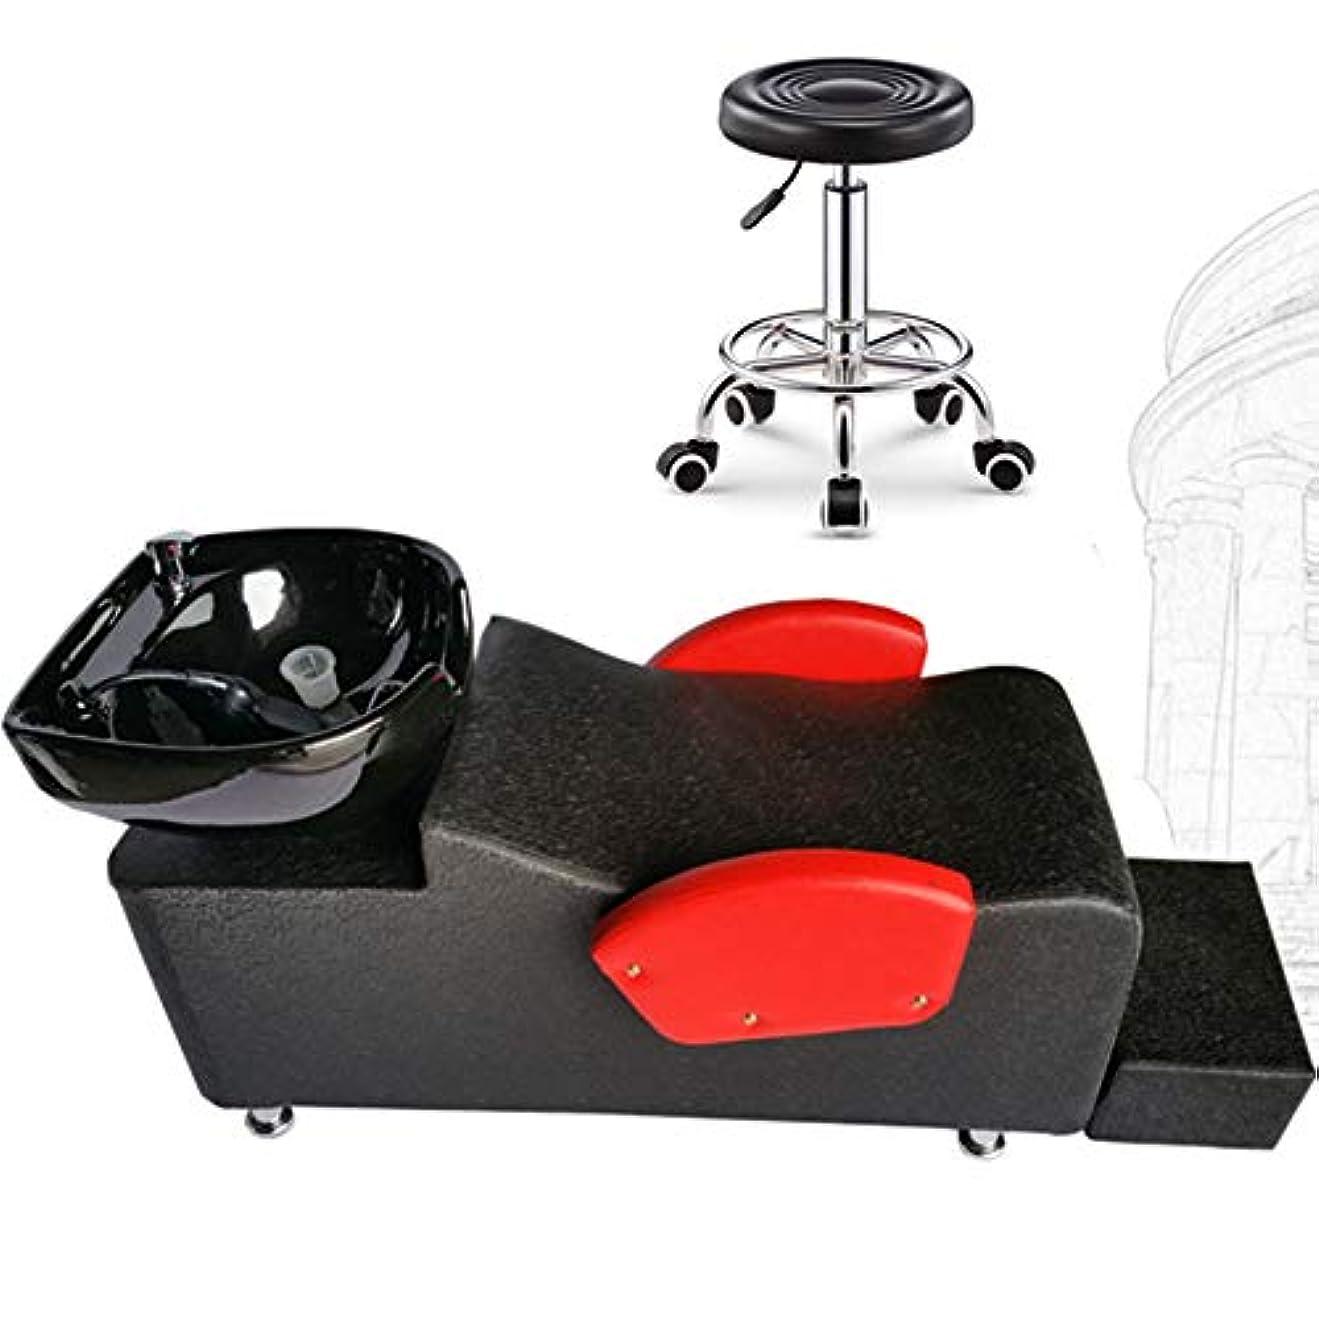 ロマンチック滅びる酸っぱいサロン用シャンプー椅子とボウル、スパ美容室機器パンチングウォーターベッドチェア用の逆洗ユニット理髪シンクチェア